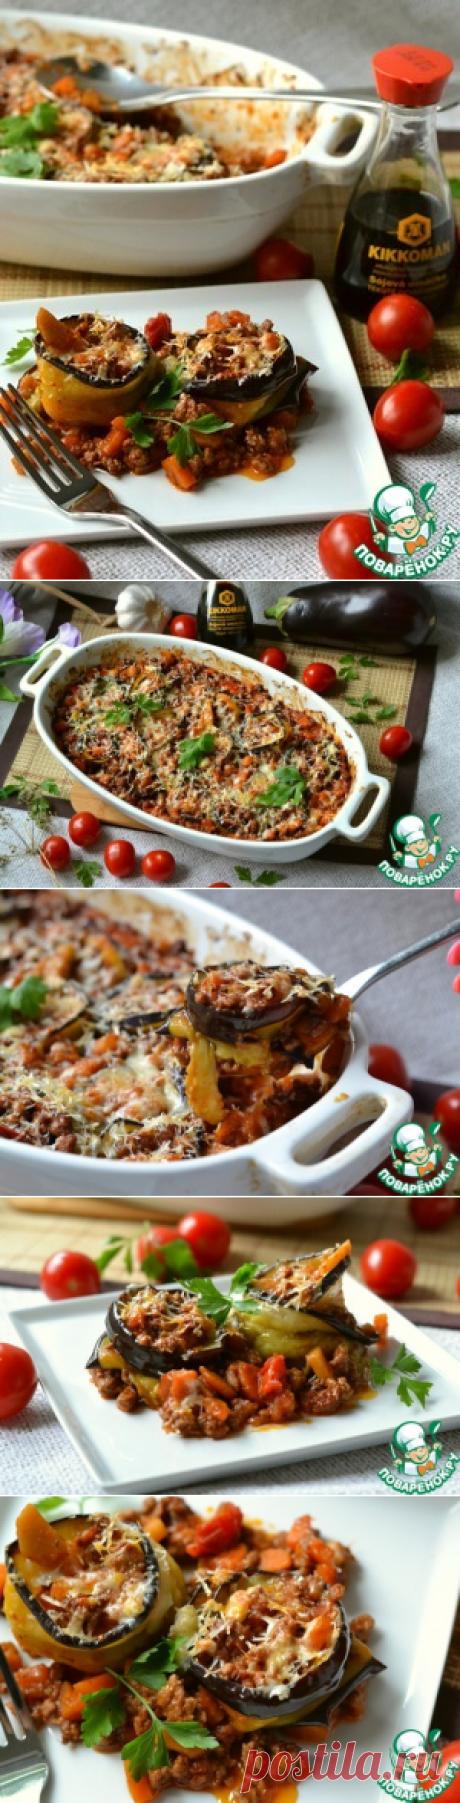 Овощное рагу с мясом и баклажанами - кулинарный рецепт